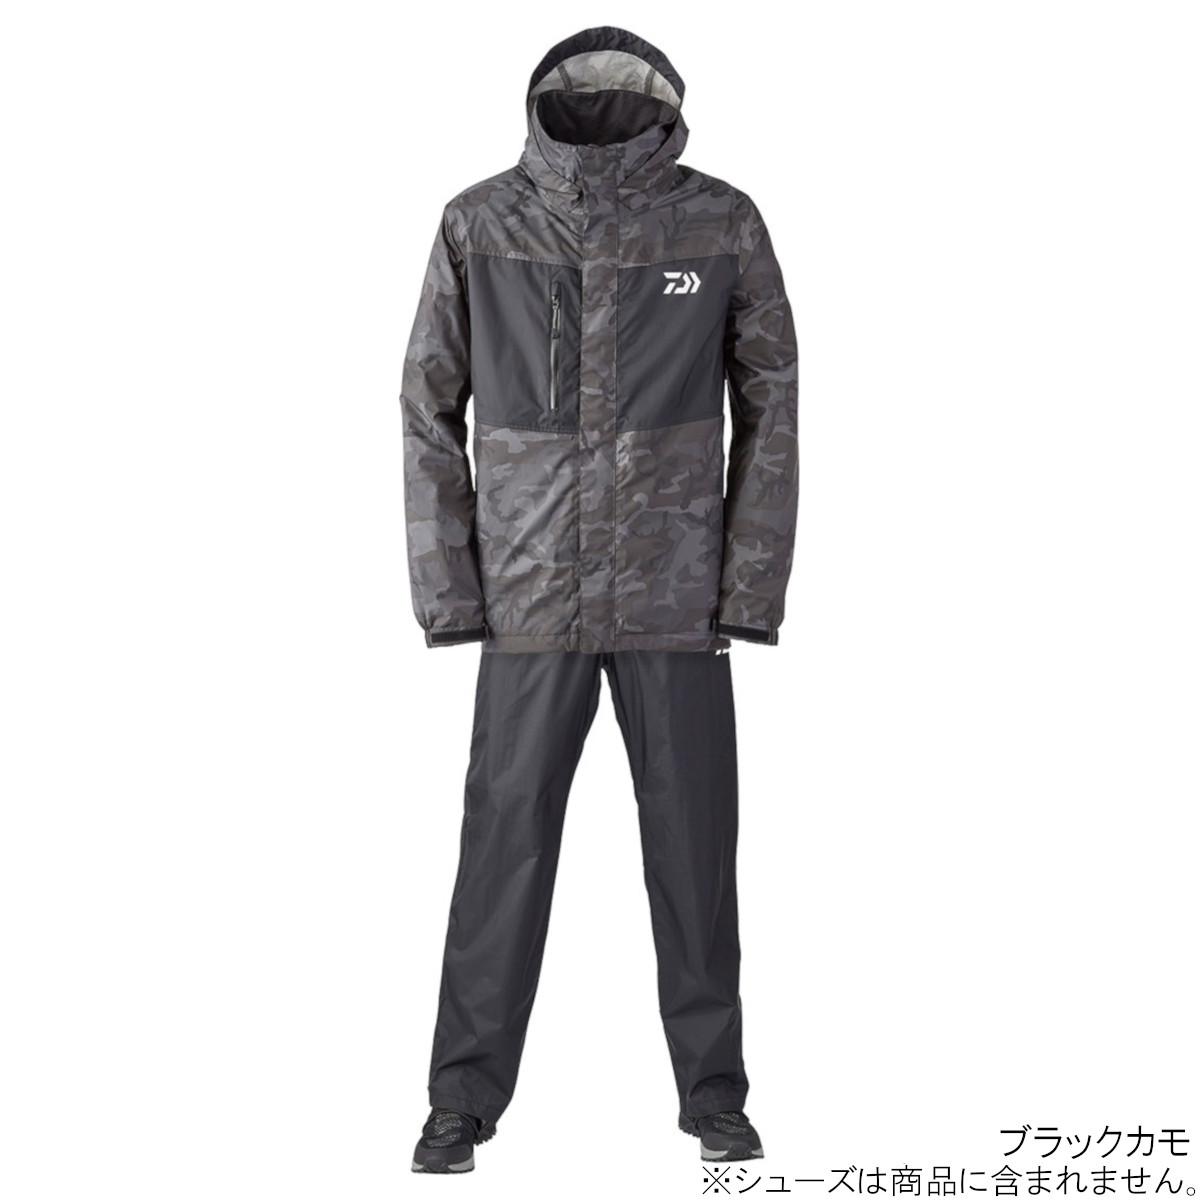 ダイワ レインマックス レインスーツ DR-36008 XL ブラックカモ(東日本店)